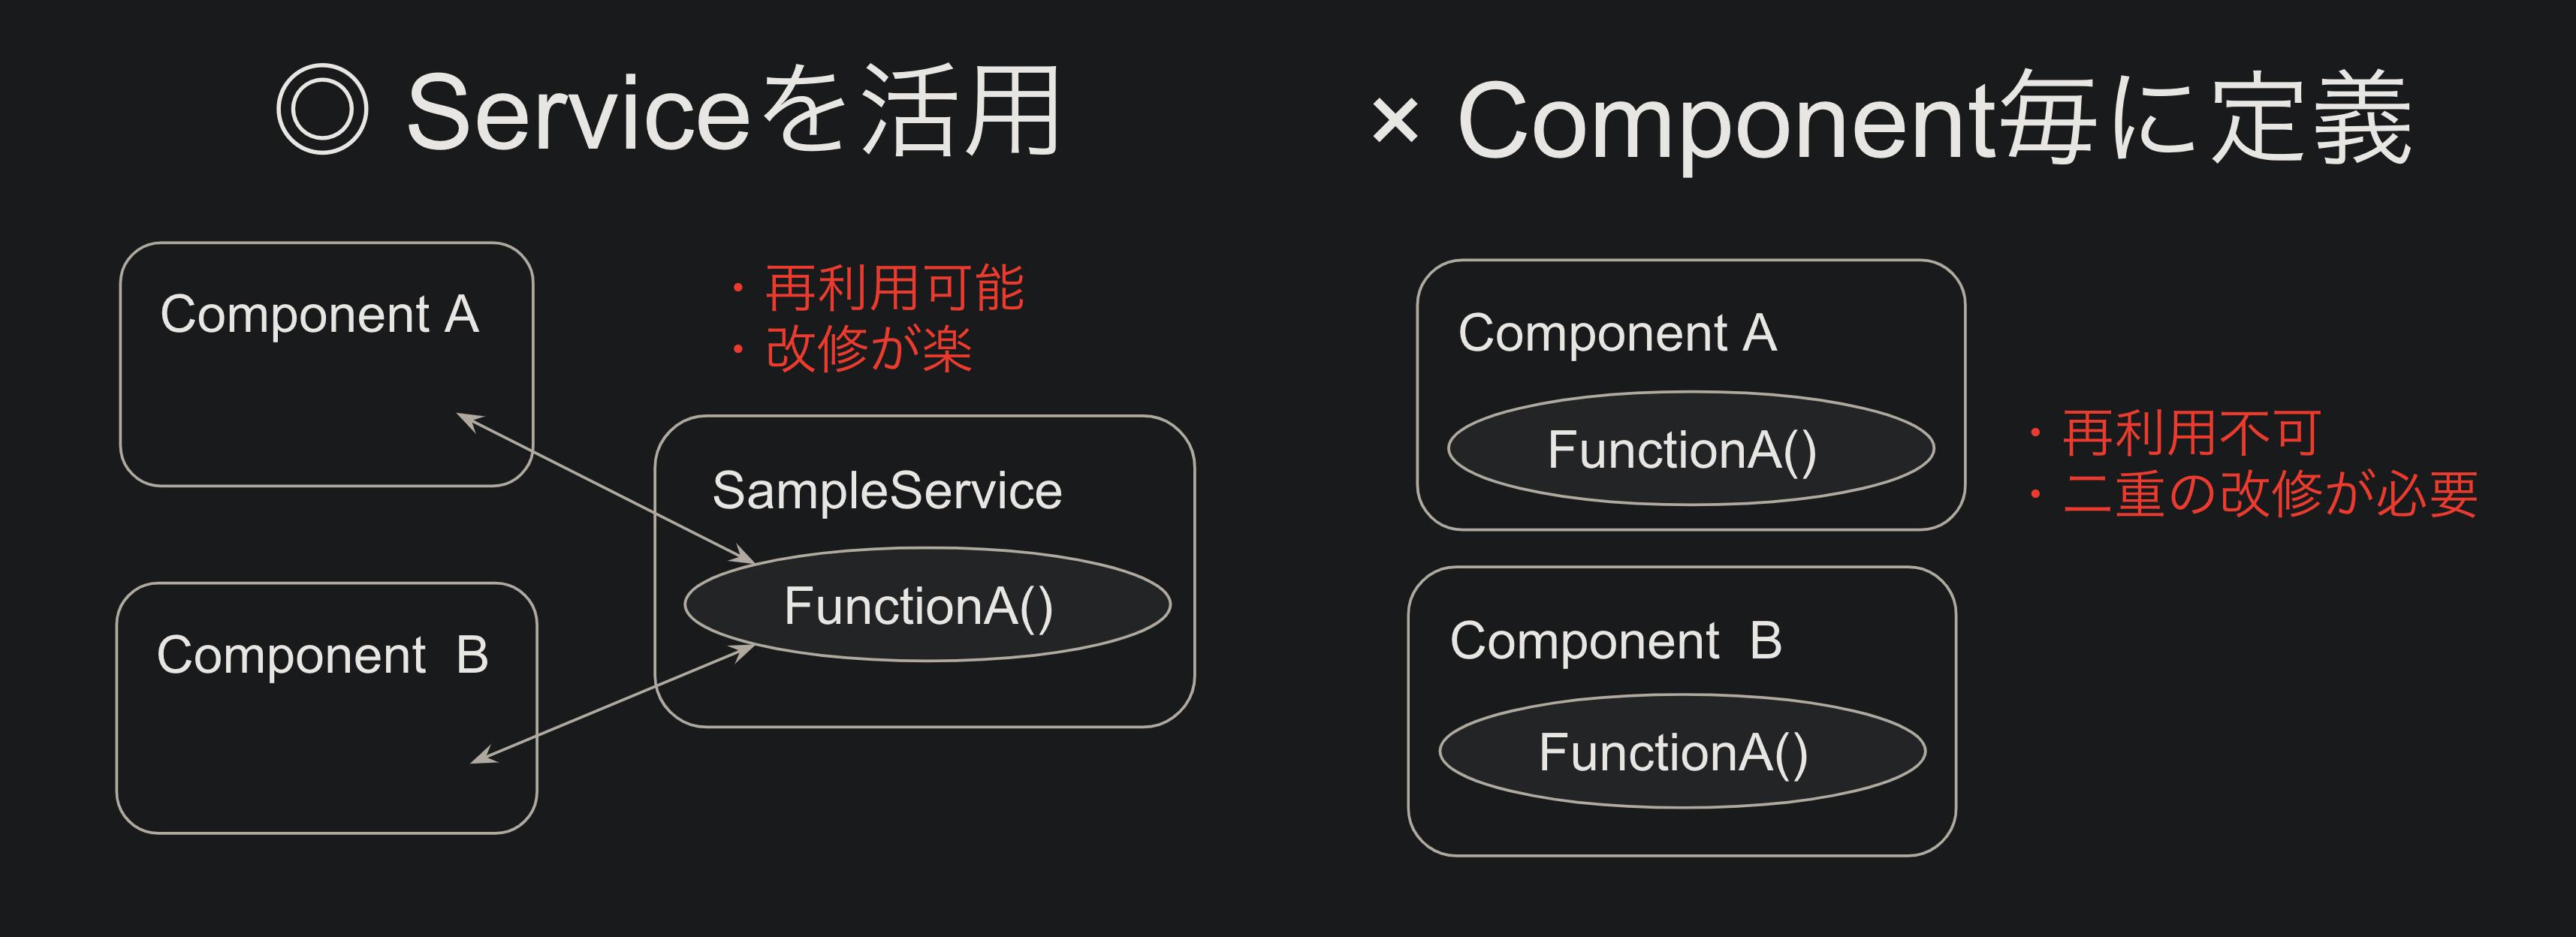 [Angular Service入門] ロジックを切り出し、複数Componentで再利用可能にする